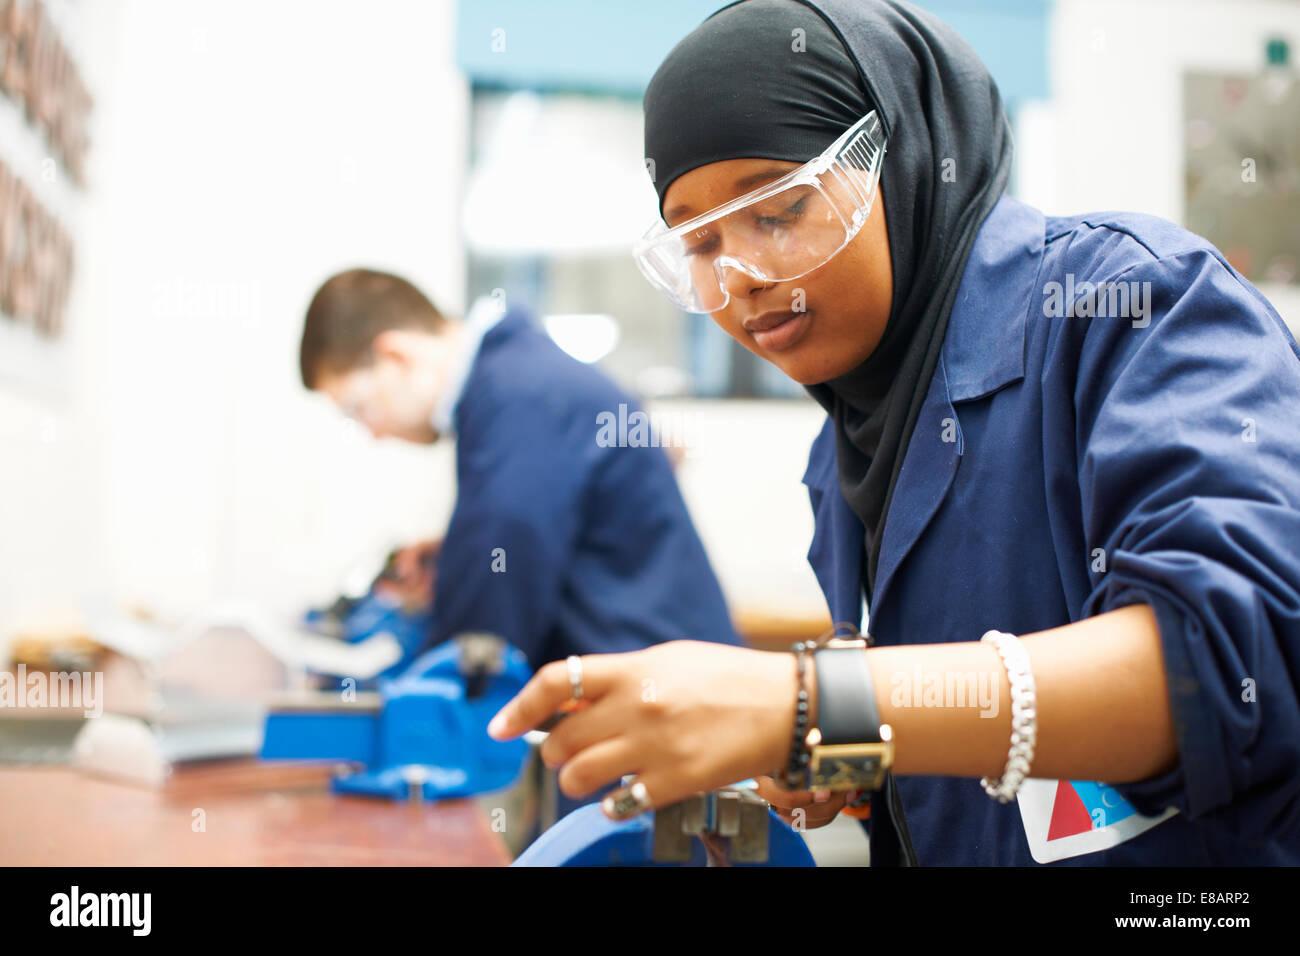 Studentin mit Vize-Griff in College-Werkstatt Stockbild